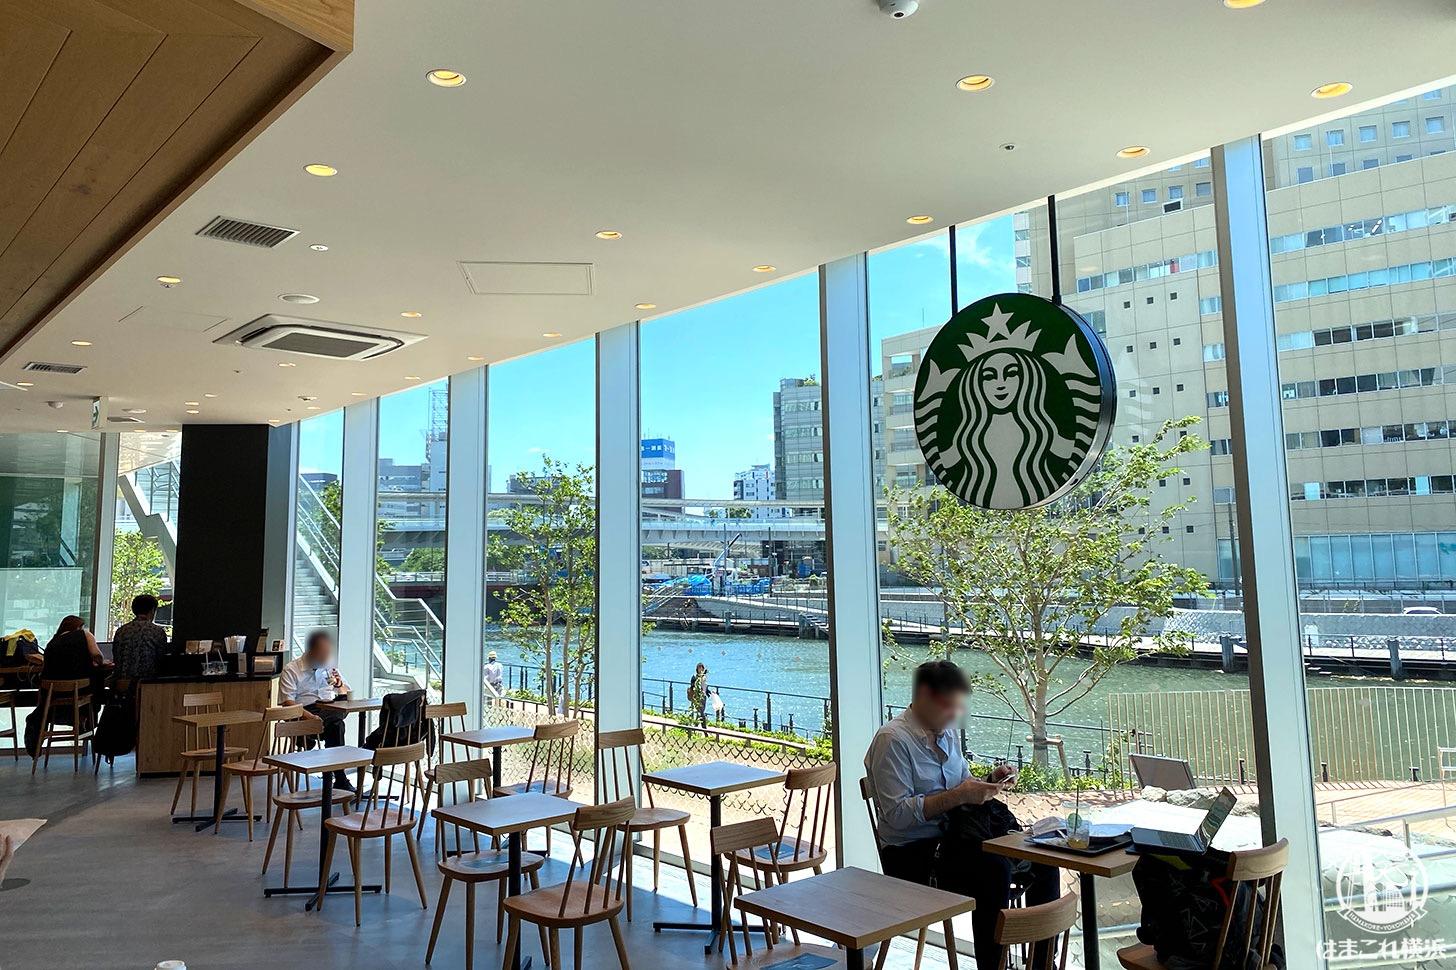 横浜市役所のスターバックスが眺め最高・水辺近くて癒しのお洒落スタバ!